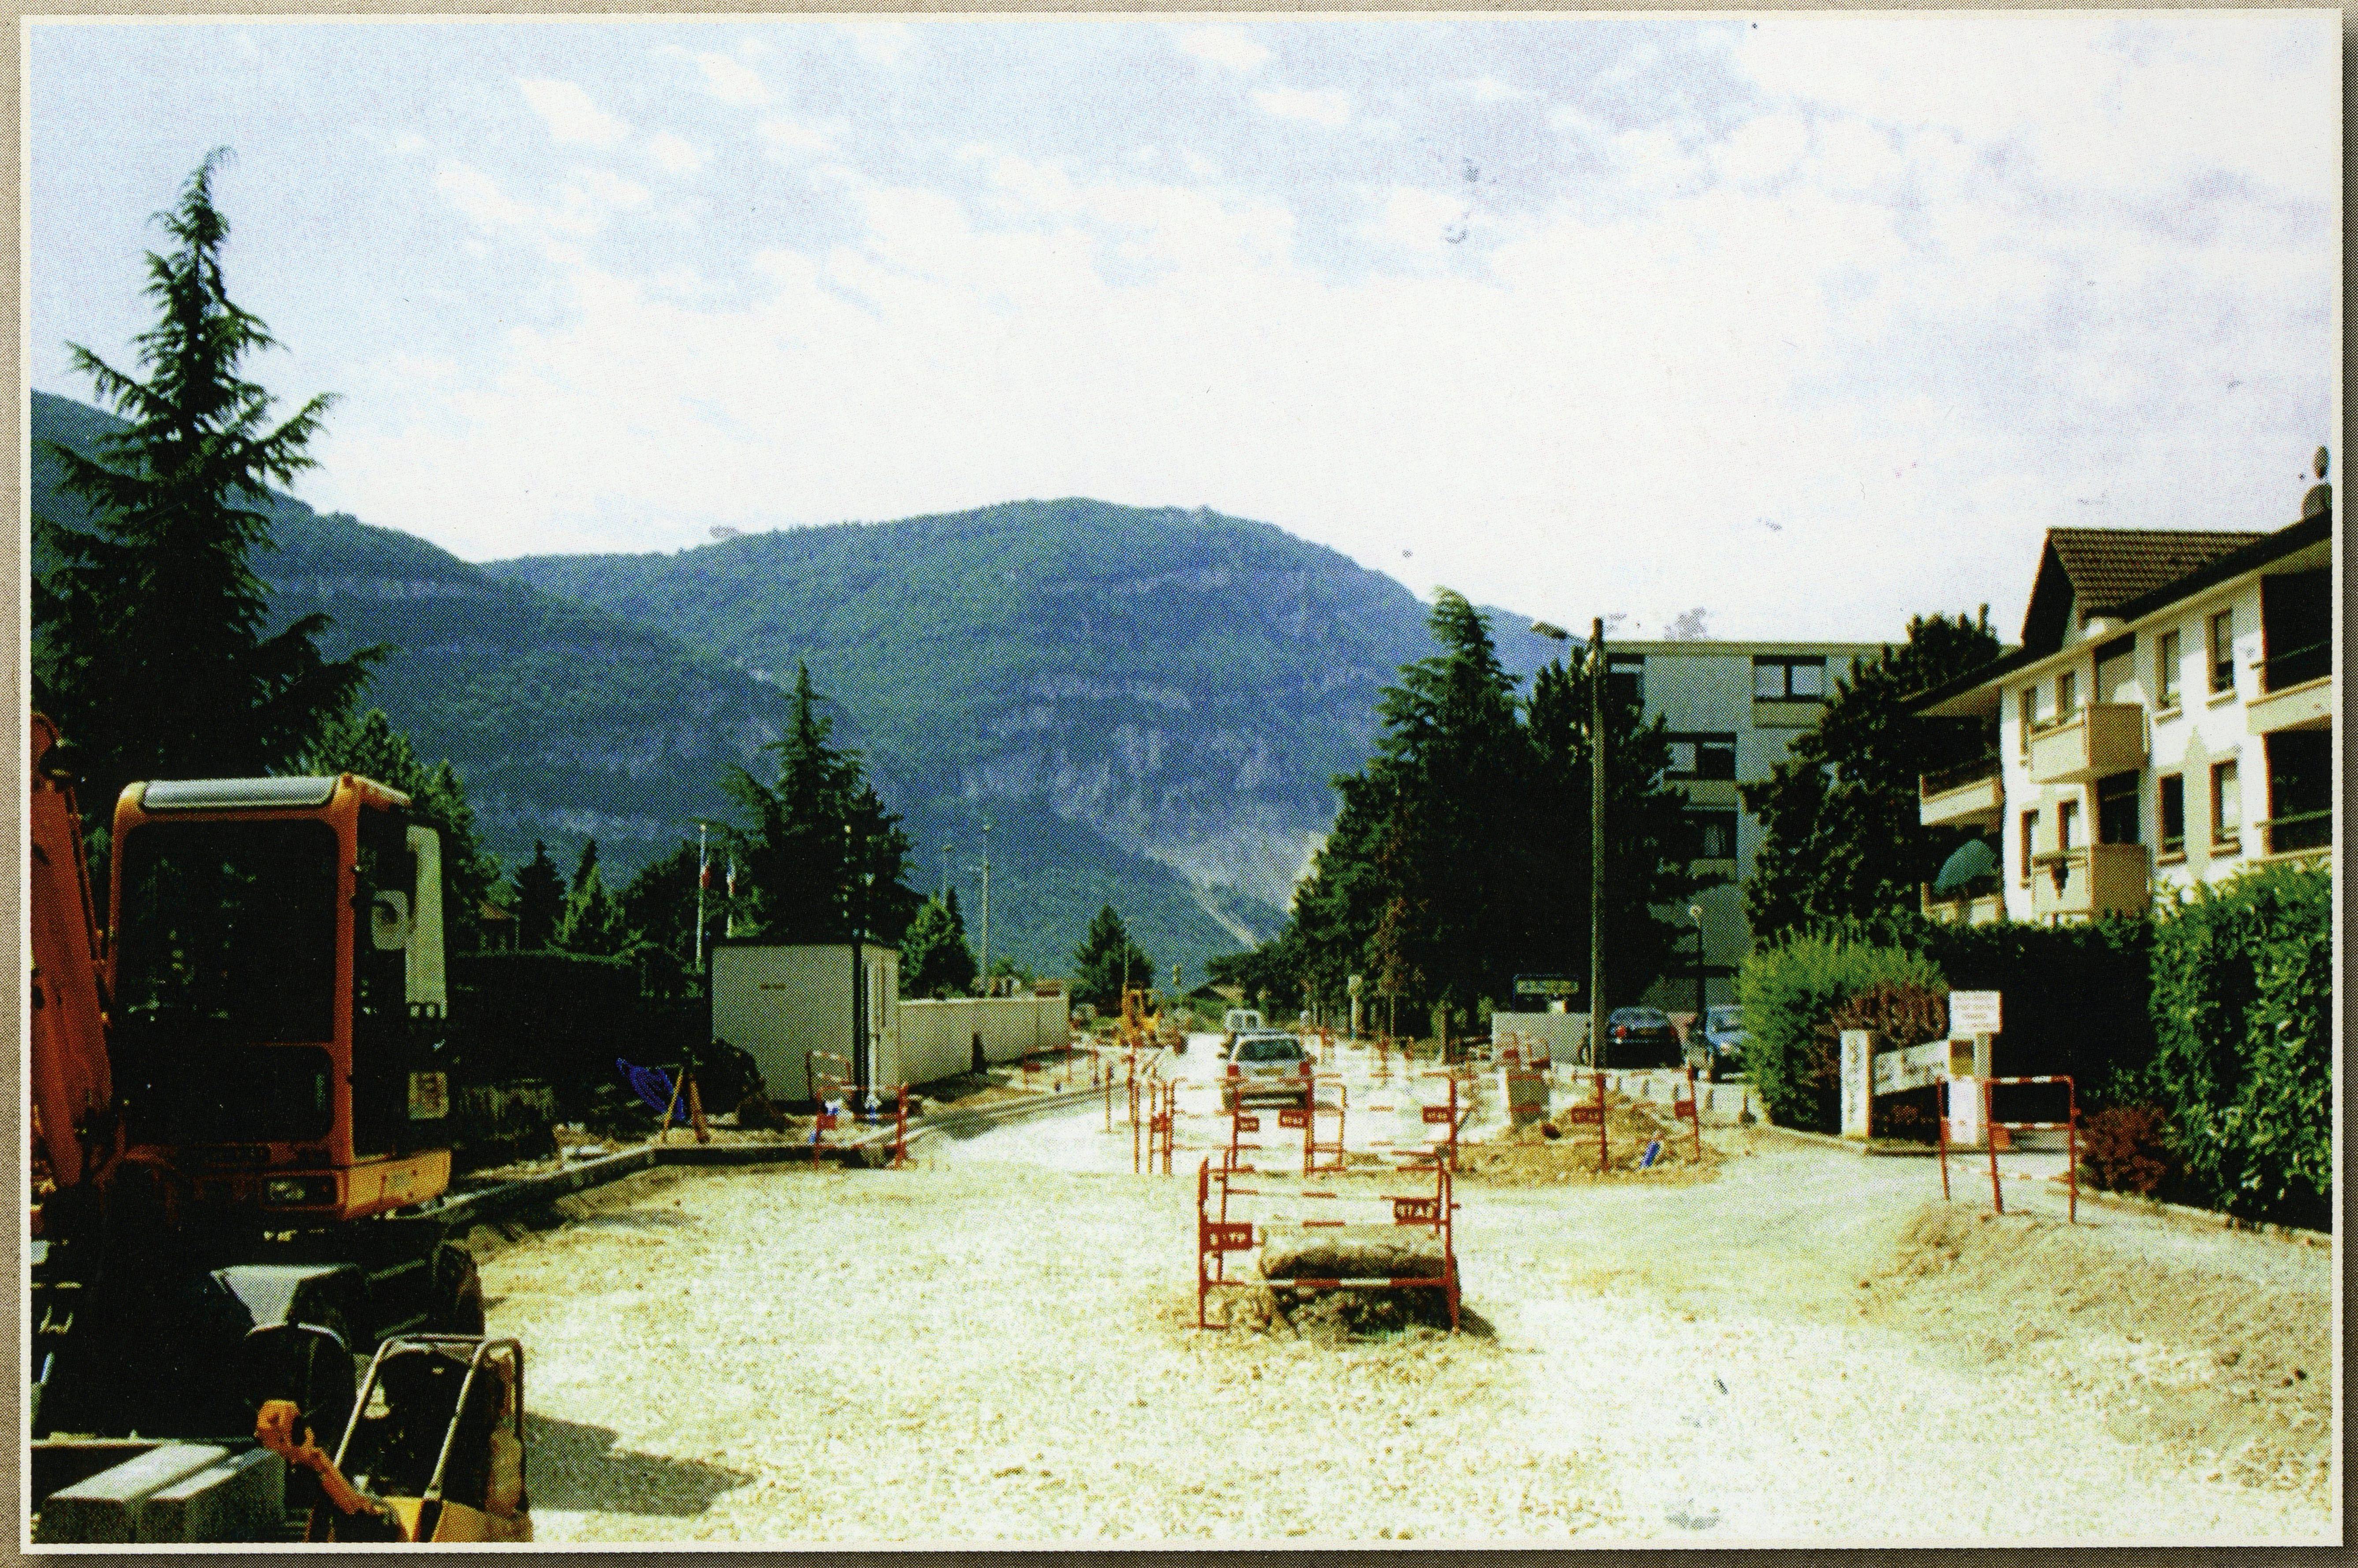 rue de la paix 2002